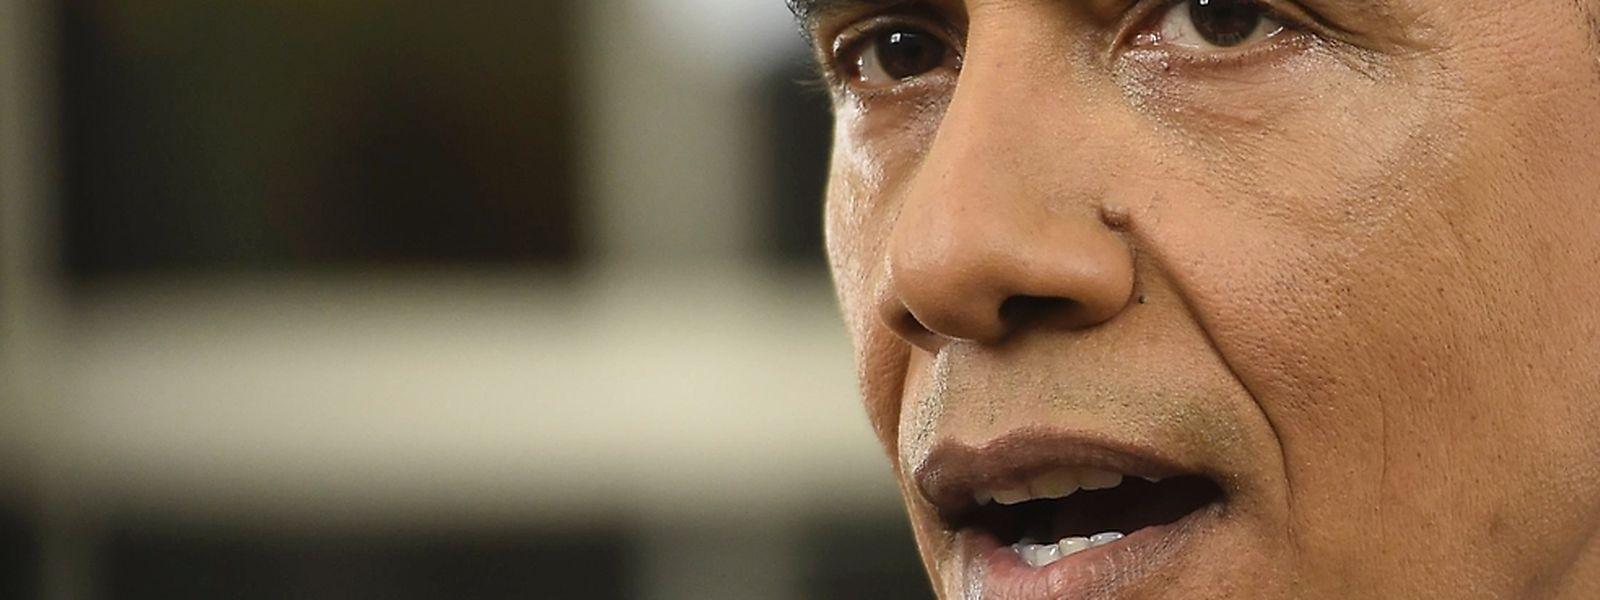 """""""Muslimische Amerikaner sind unsere Freunde, unsere Kollegen"""", das war eine der Aussagen Obamas, der sich klar gegen Terror aussprach."""